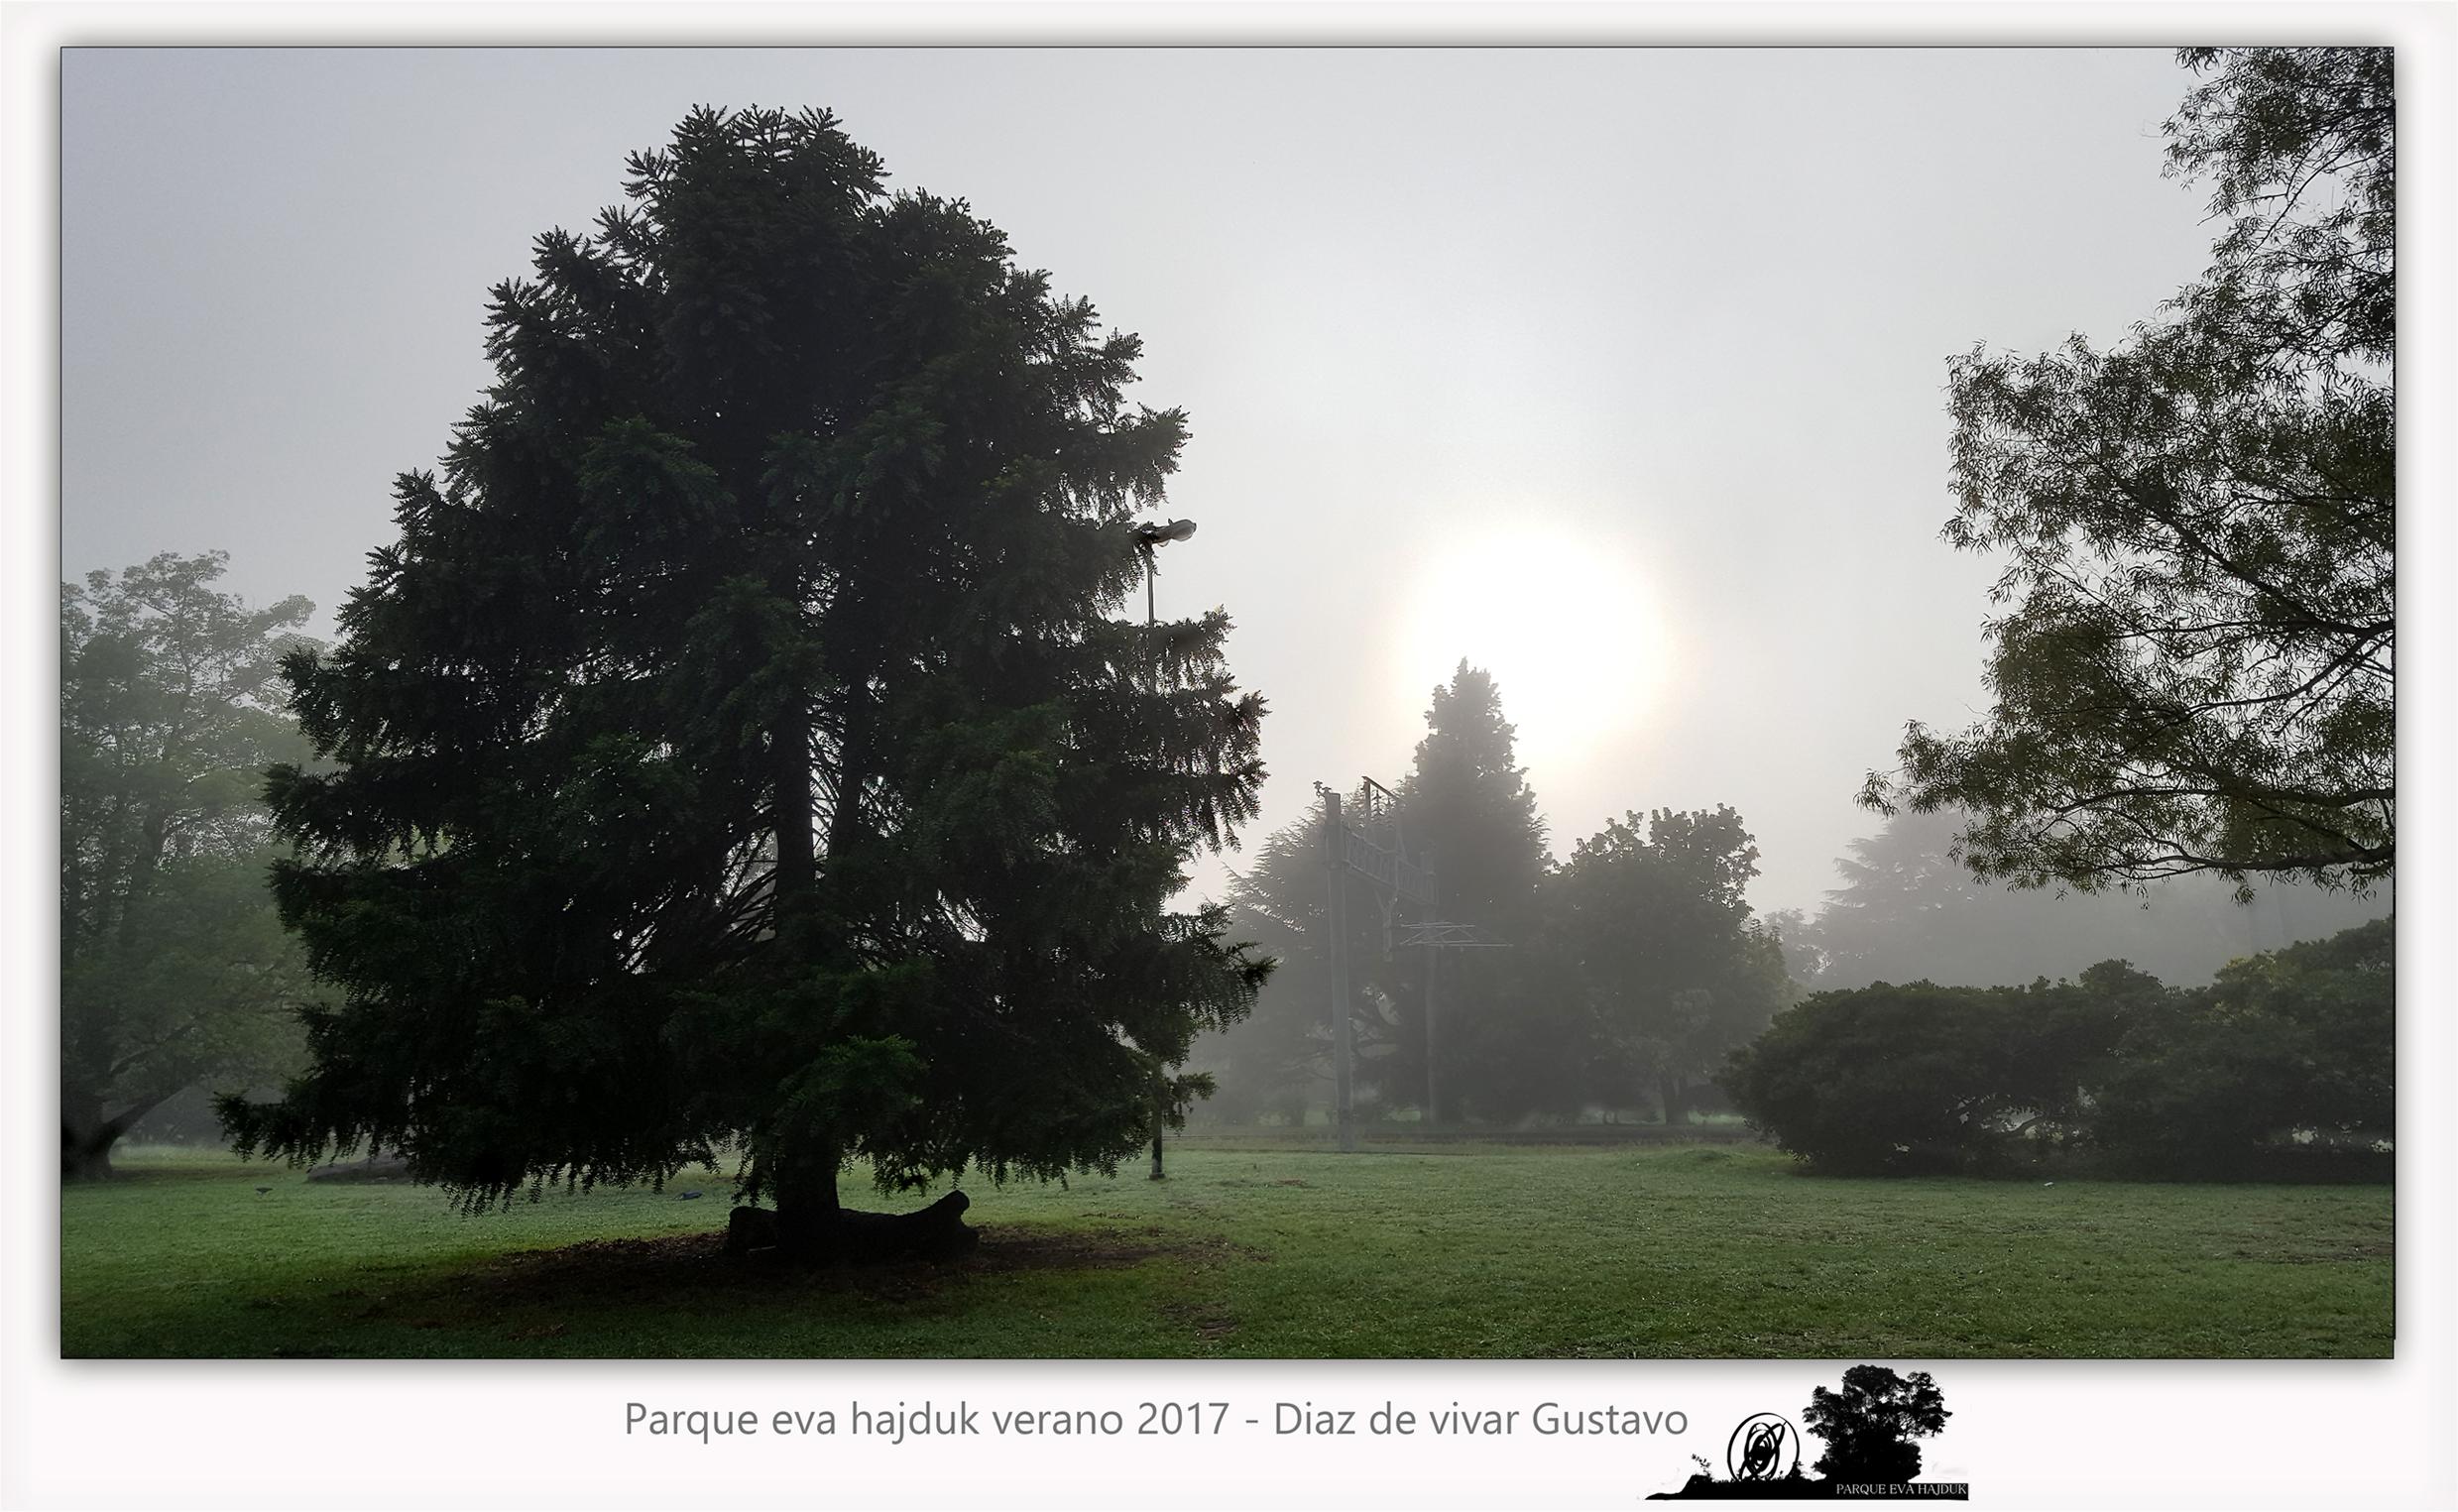 Parque eva hajduk verano 2017 - Diaz De Vivar Gustavo